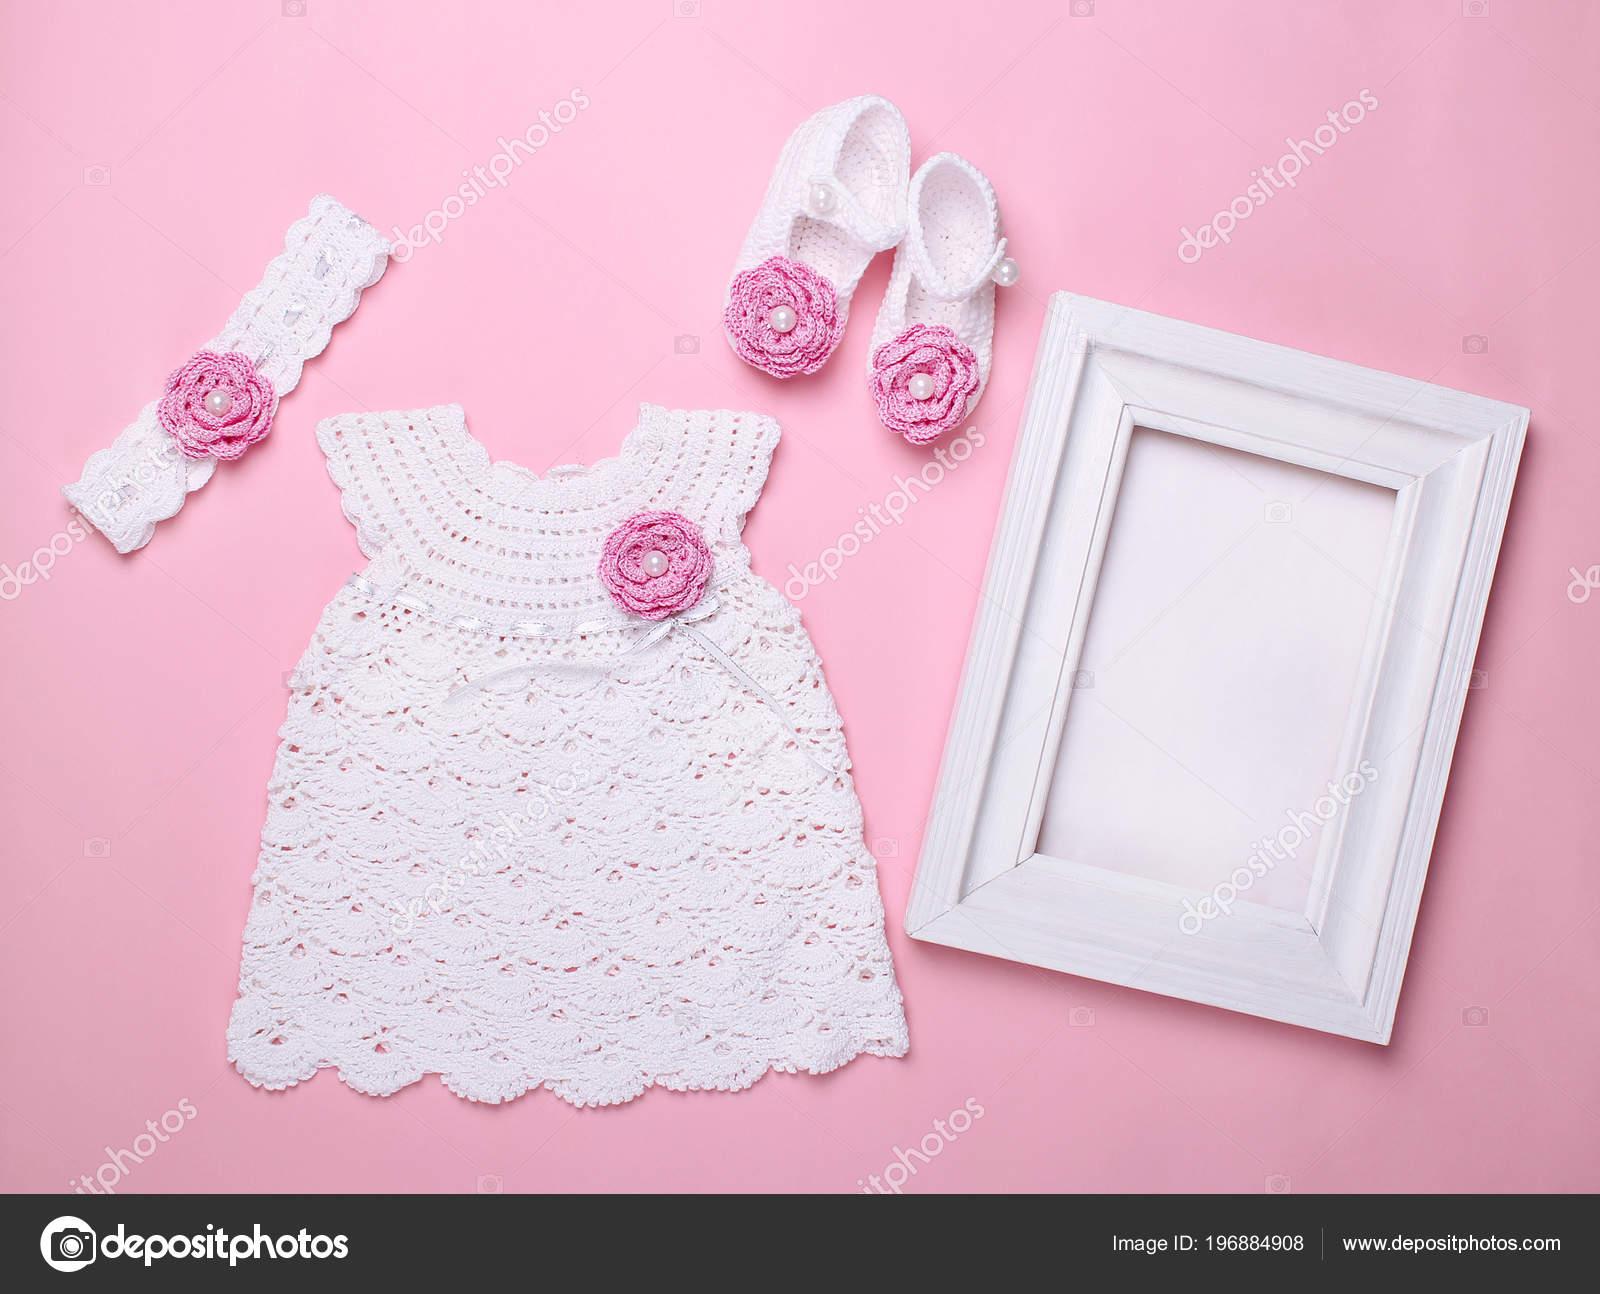 cc8ae2c226de Krásné dětské šaty s botičky na růžovém pozadí — Fotografie od ...